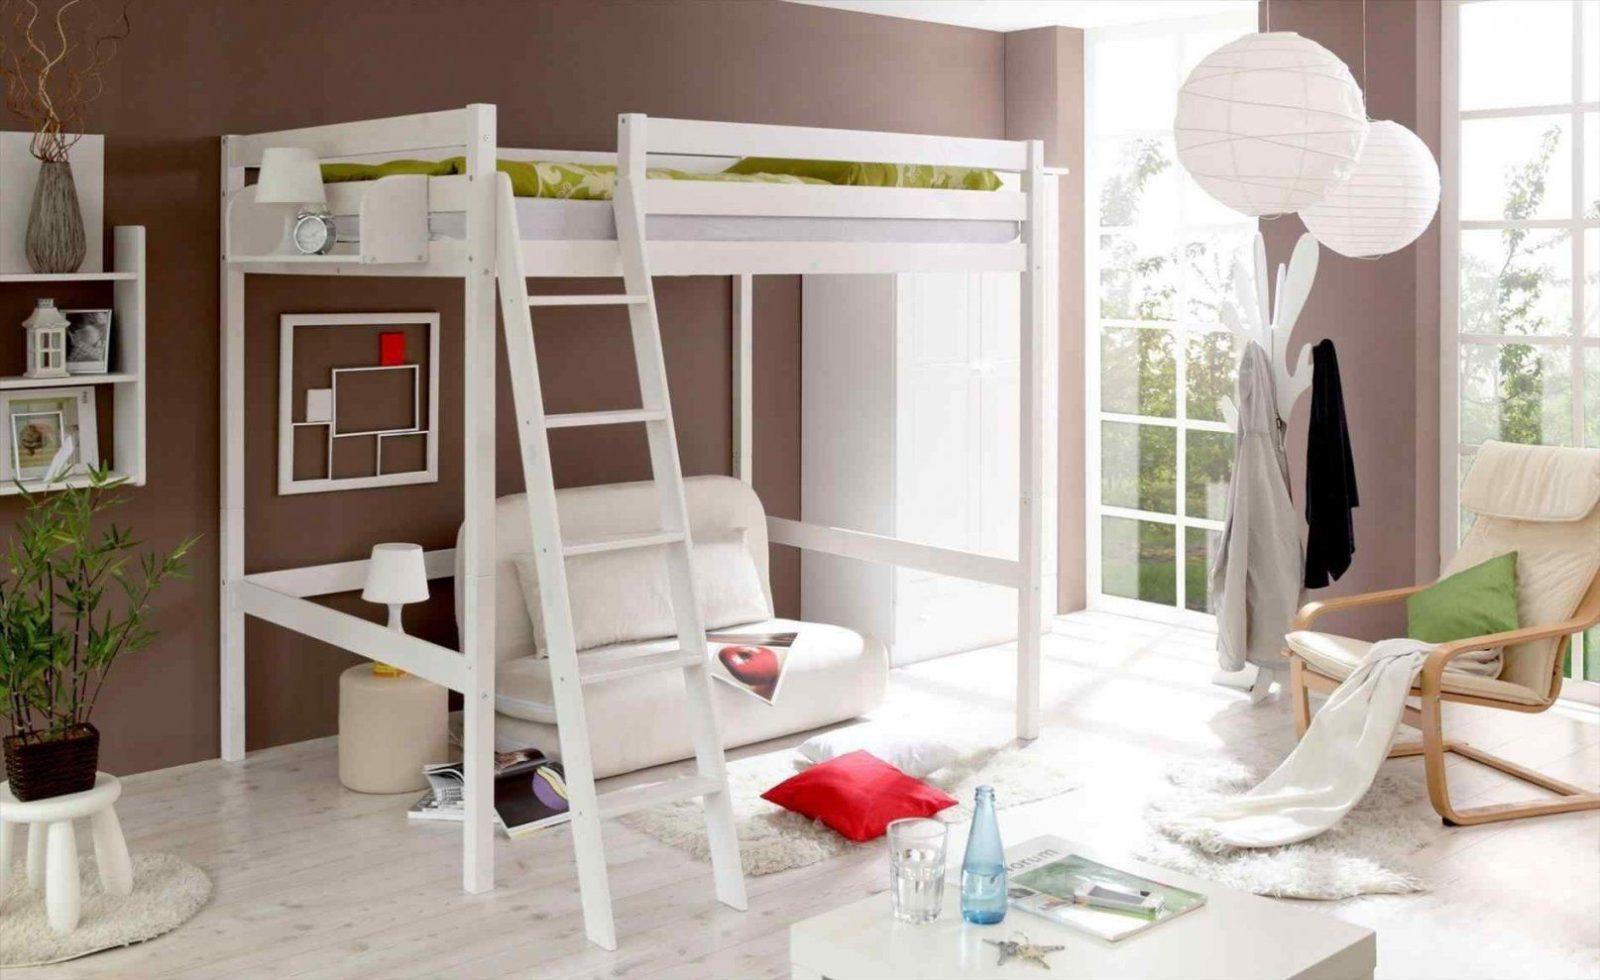 Wunderbar Hochbett Erwachsene Selber Bauen – Cblonline von Hochbett Für Erwachsene 140X200 Bild